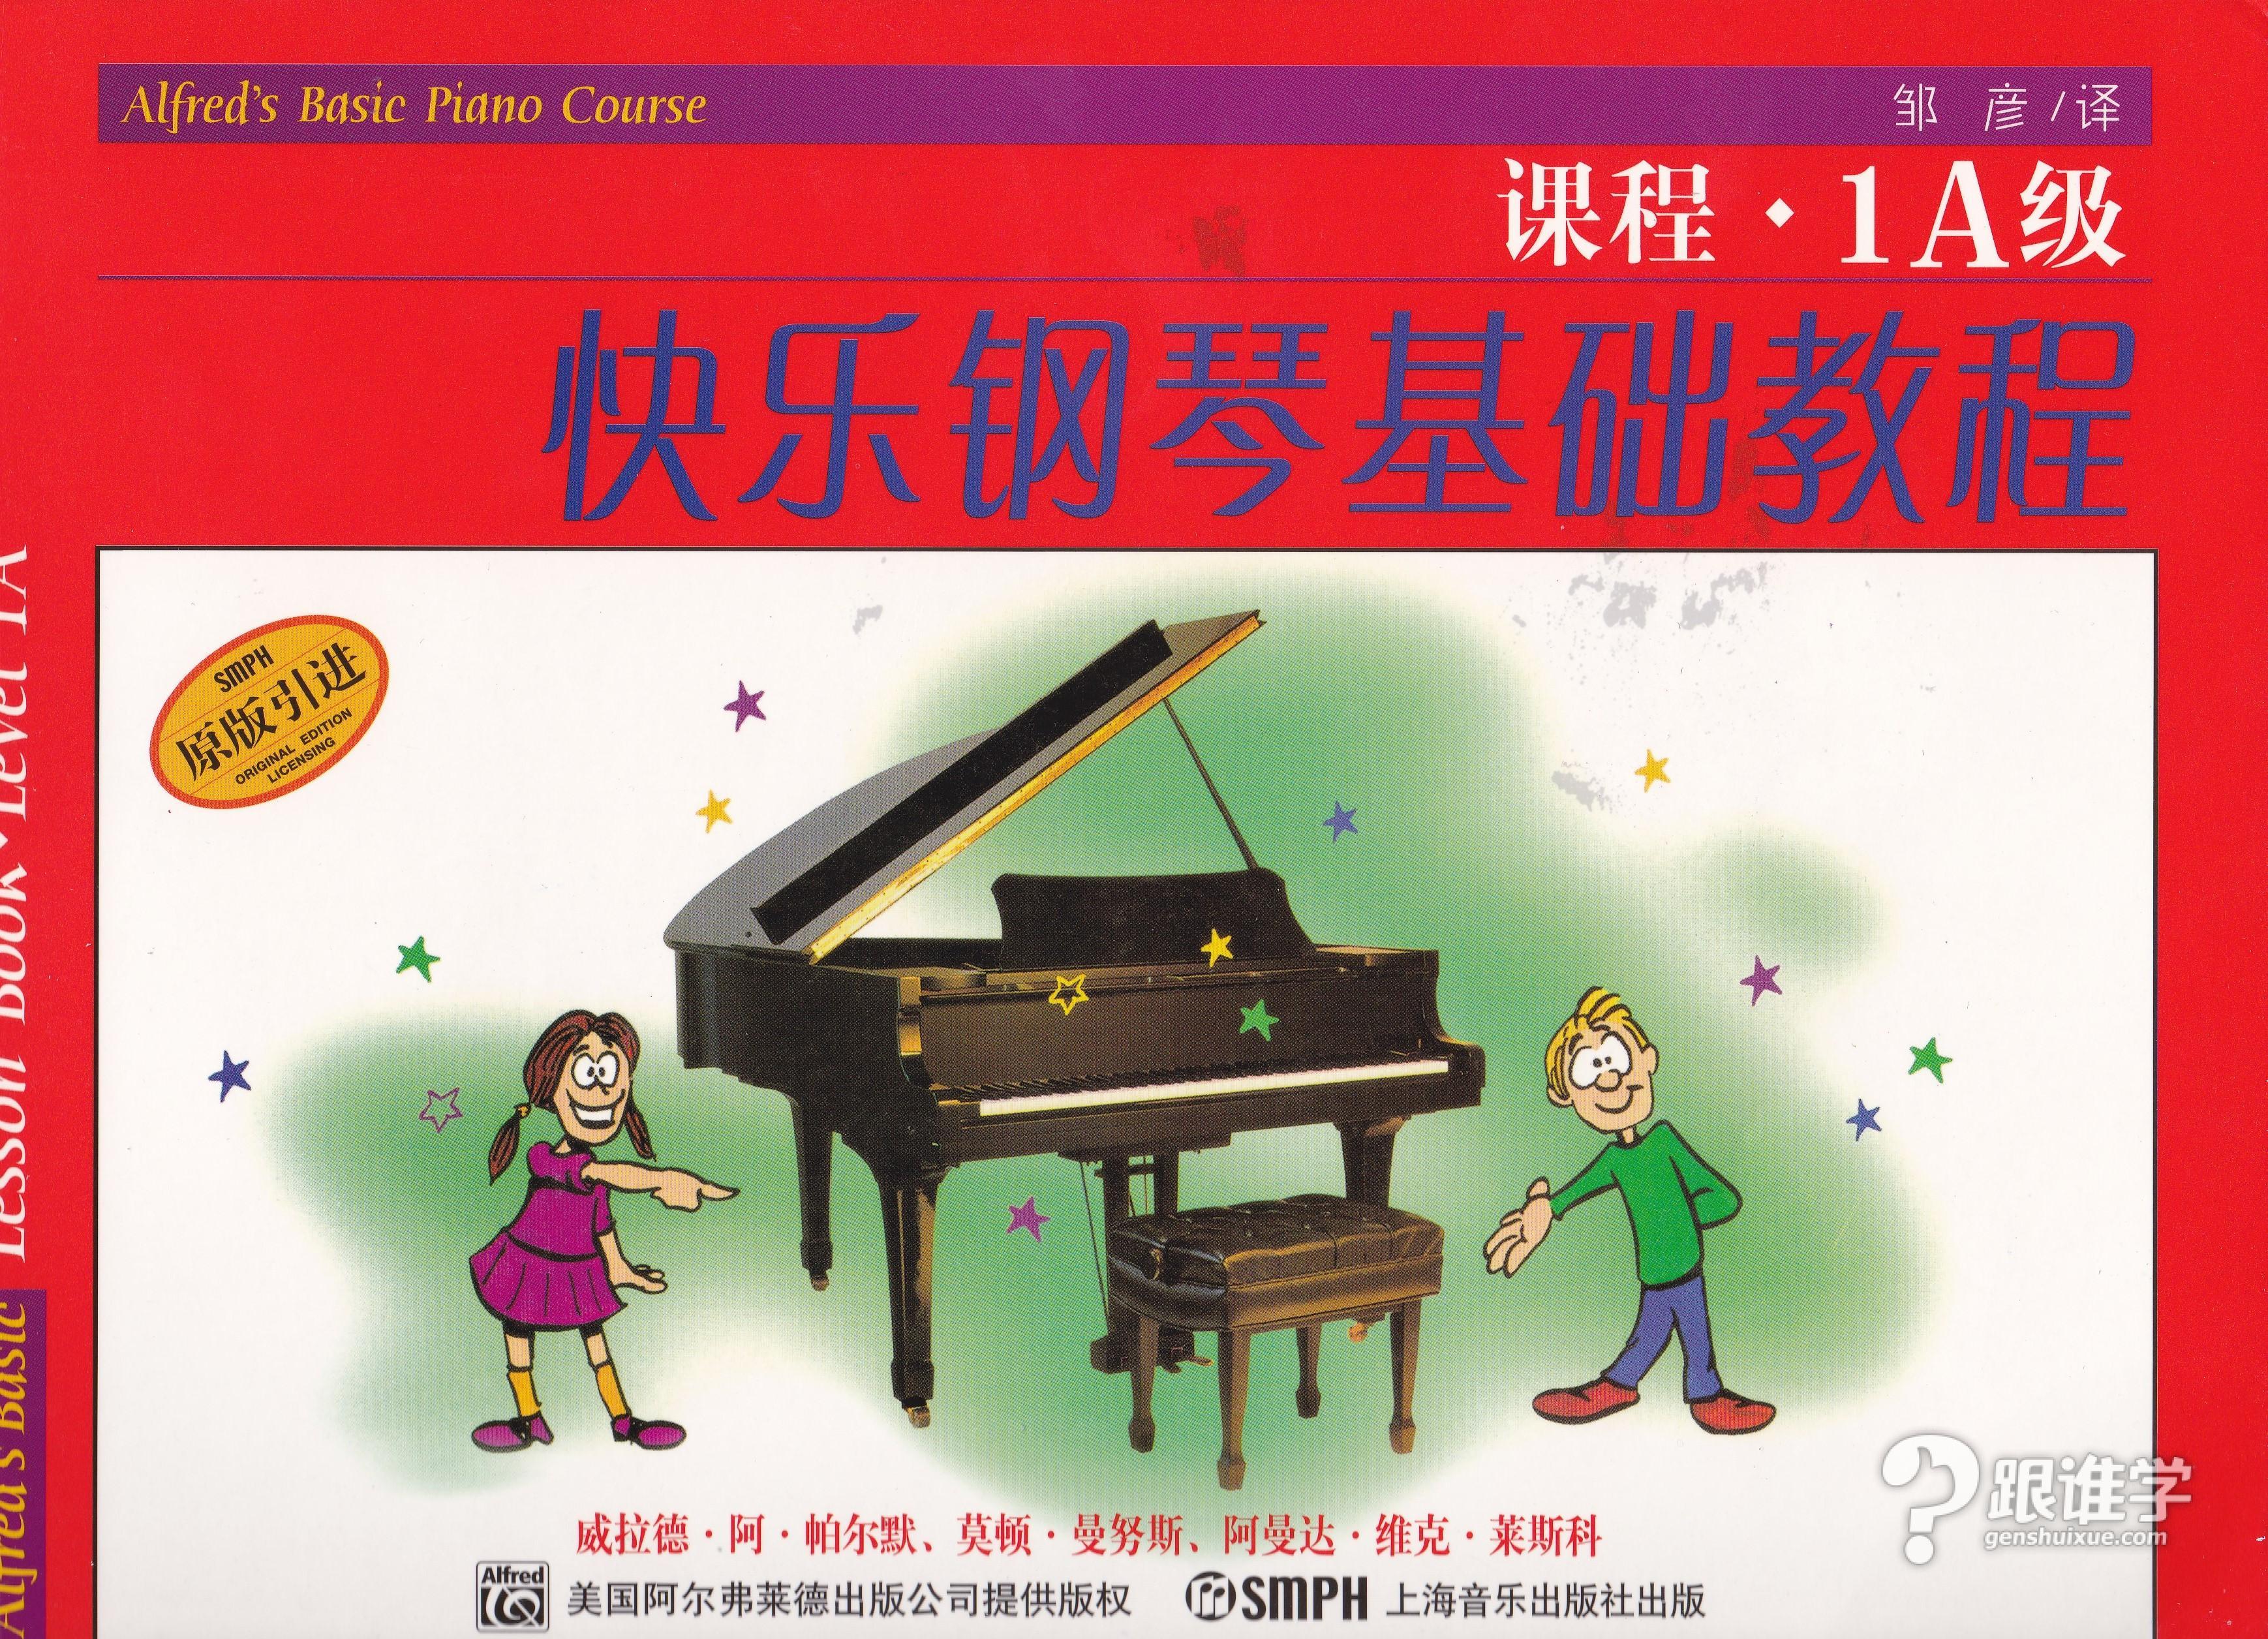 教材《快乐钢琴基础教程1a》图片